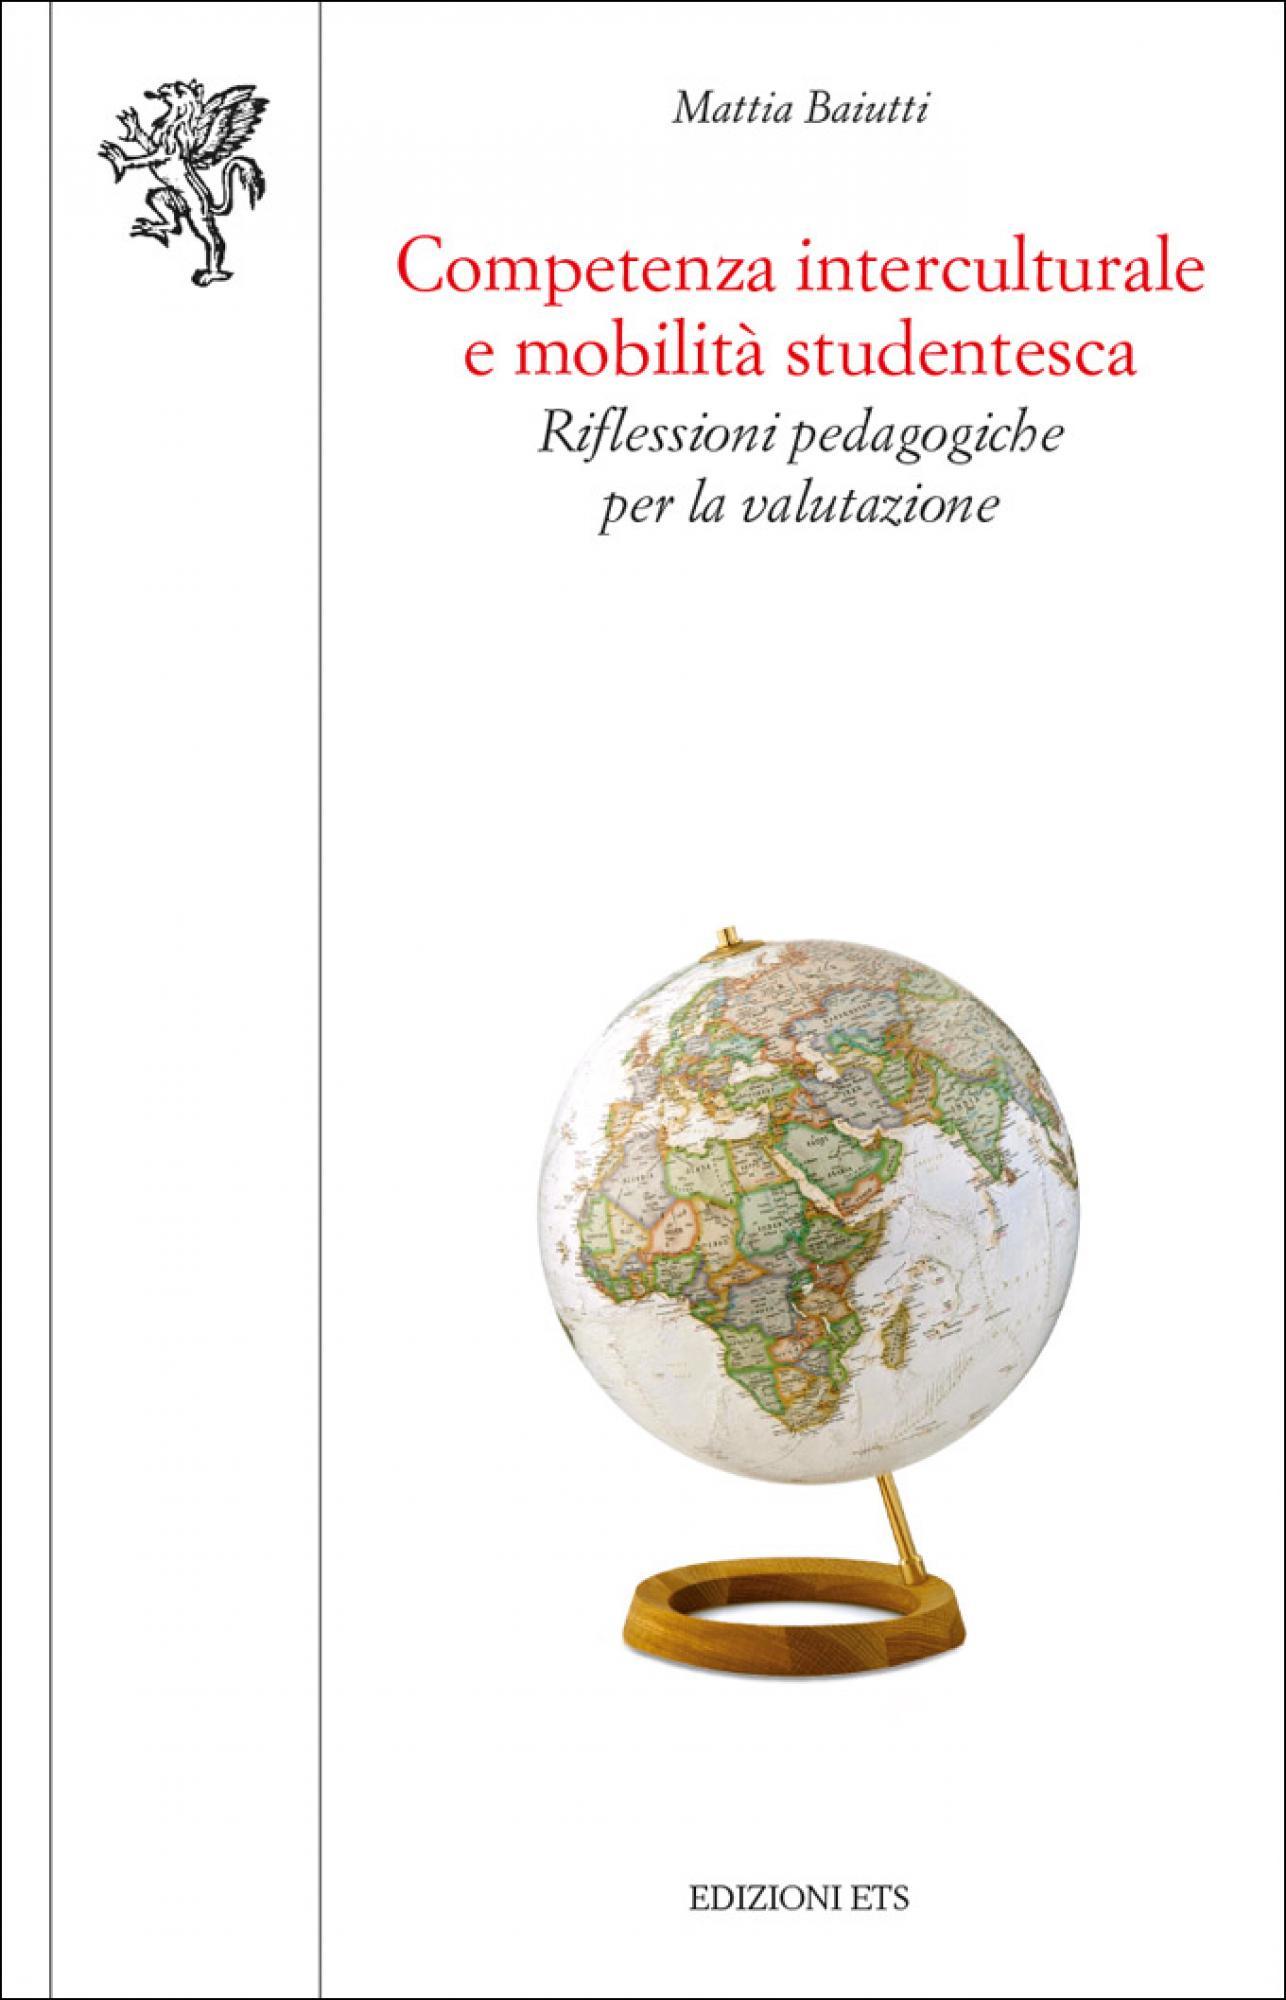 Competenza interculturale e mobilità studentesca.Riflessioni pedagogiche per la valutazione